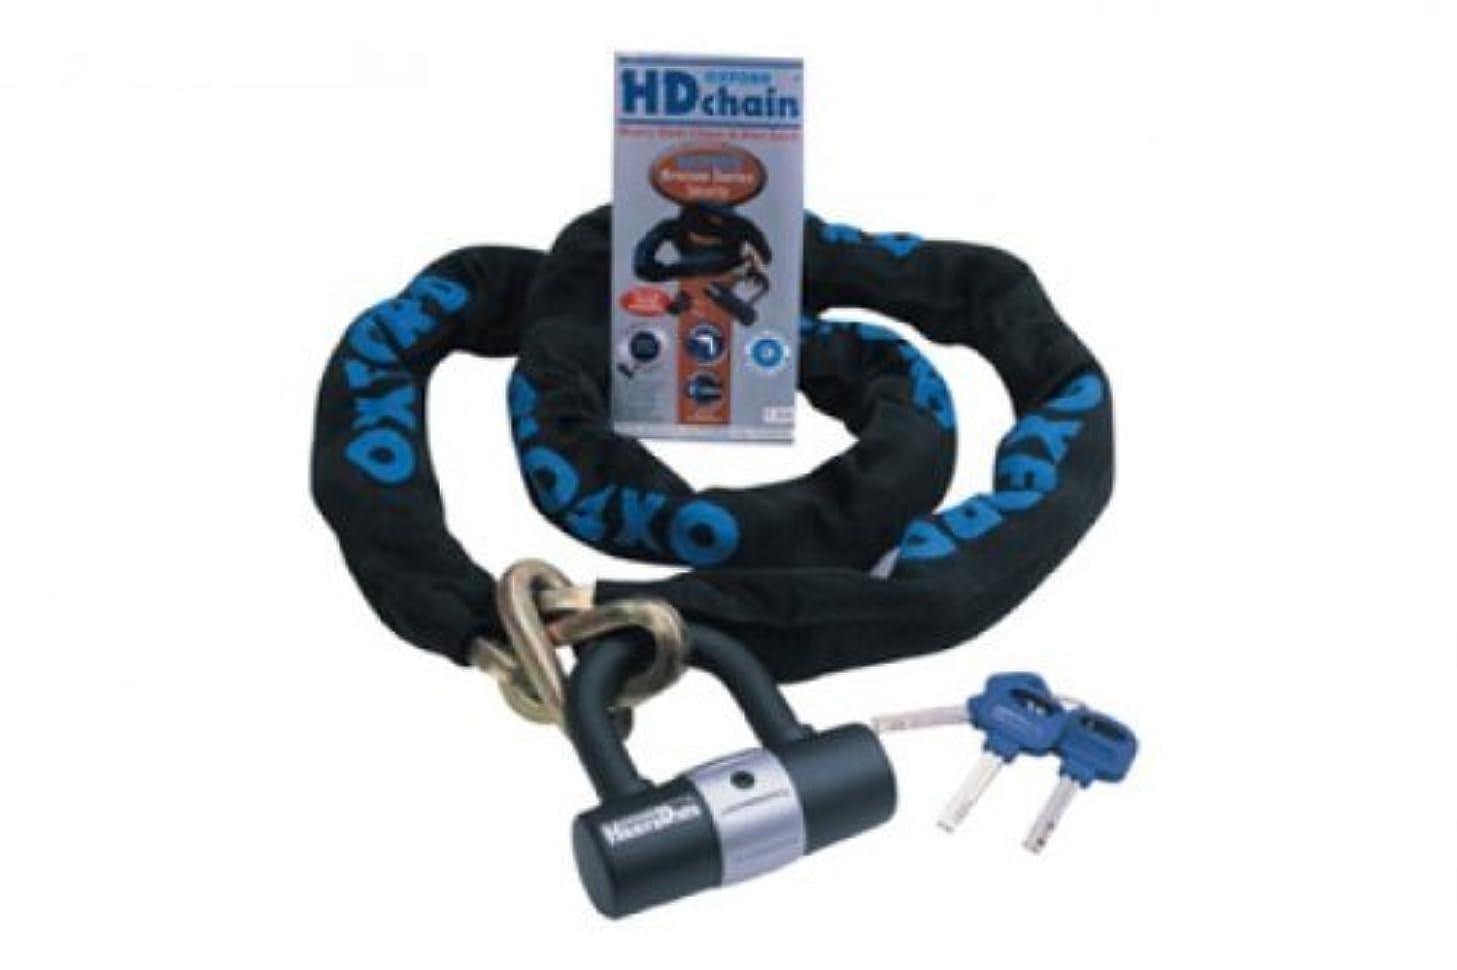 残りシェル思春期(1.4 m) - Oxford Lk144 Chain Lock - Black, 1.4 m